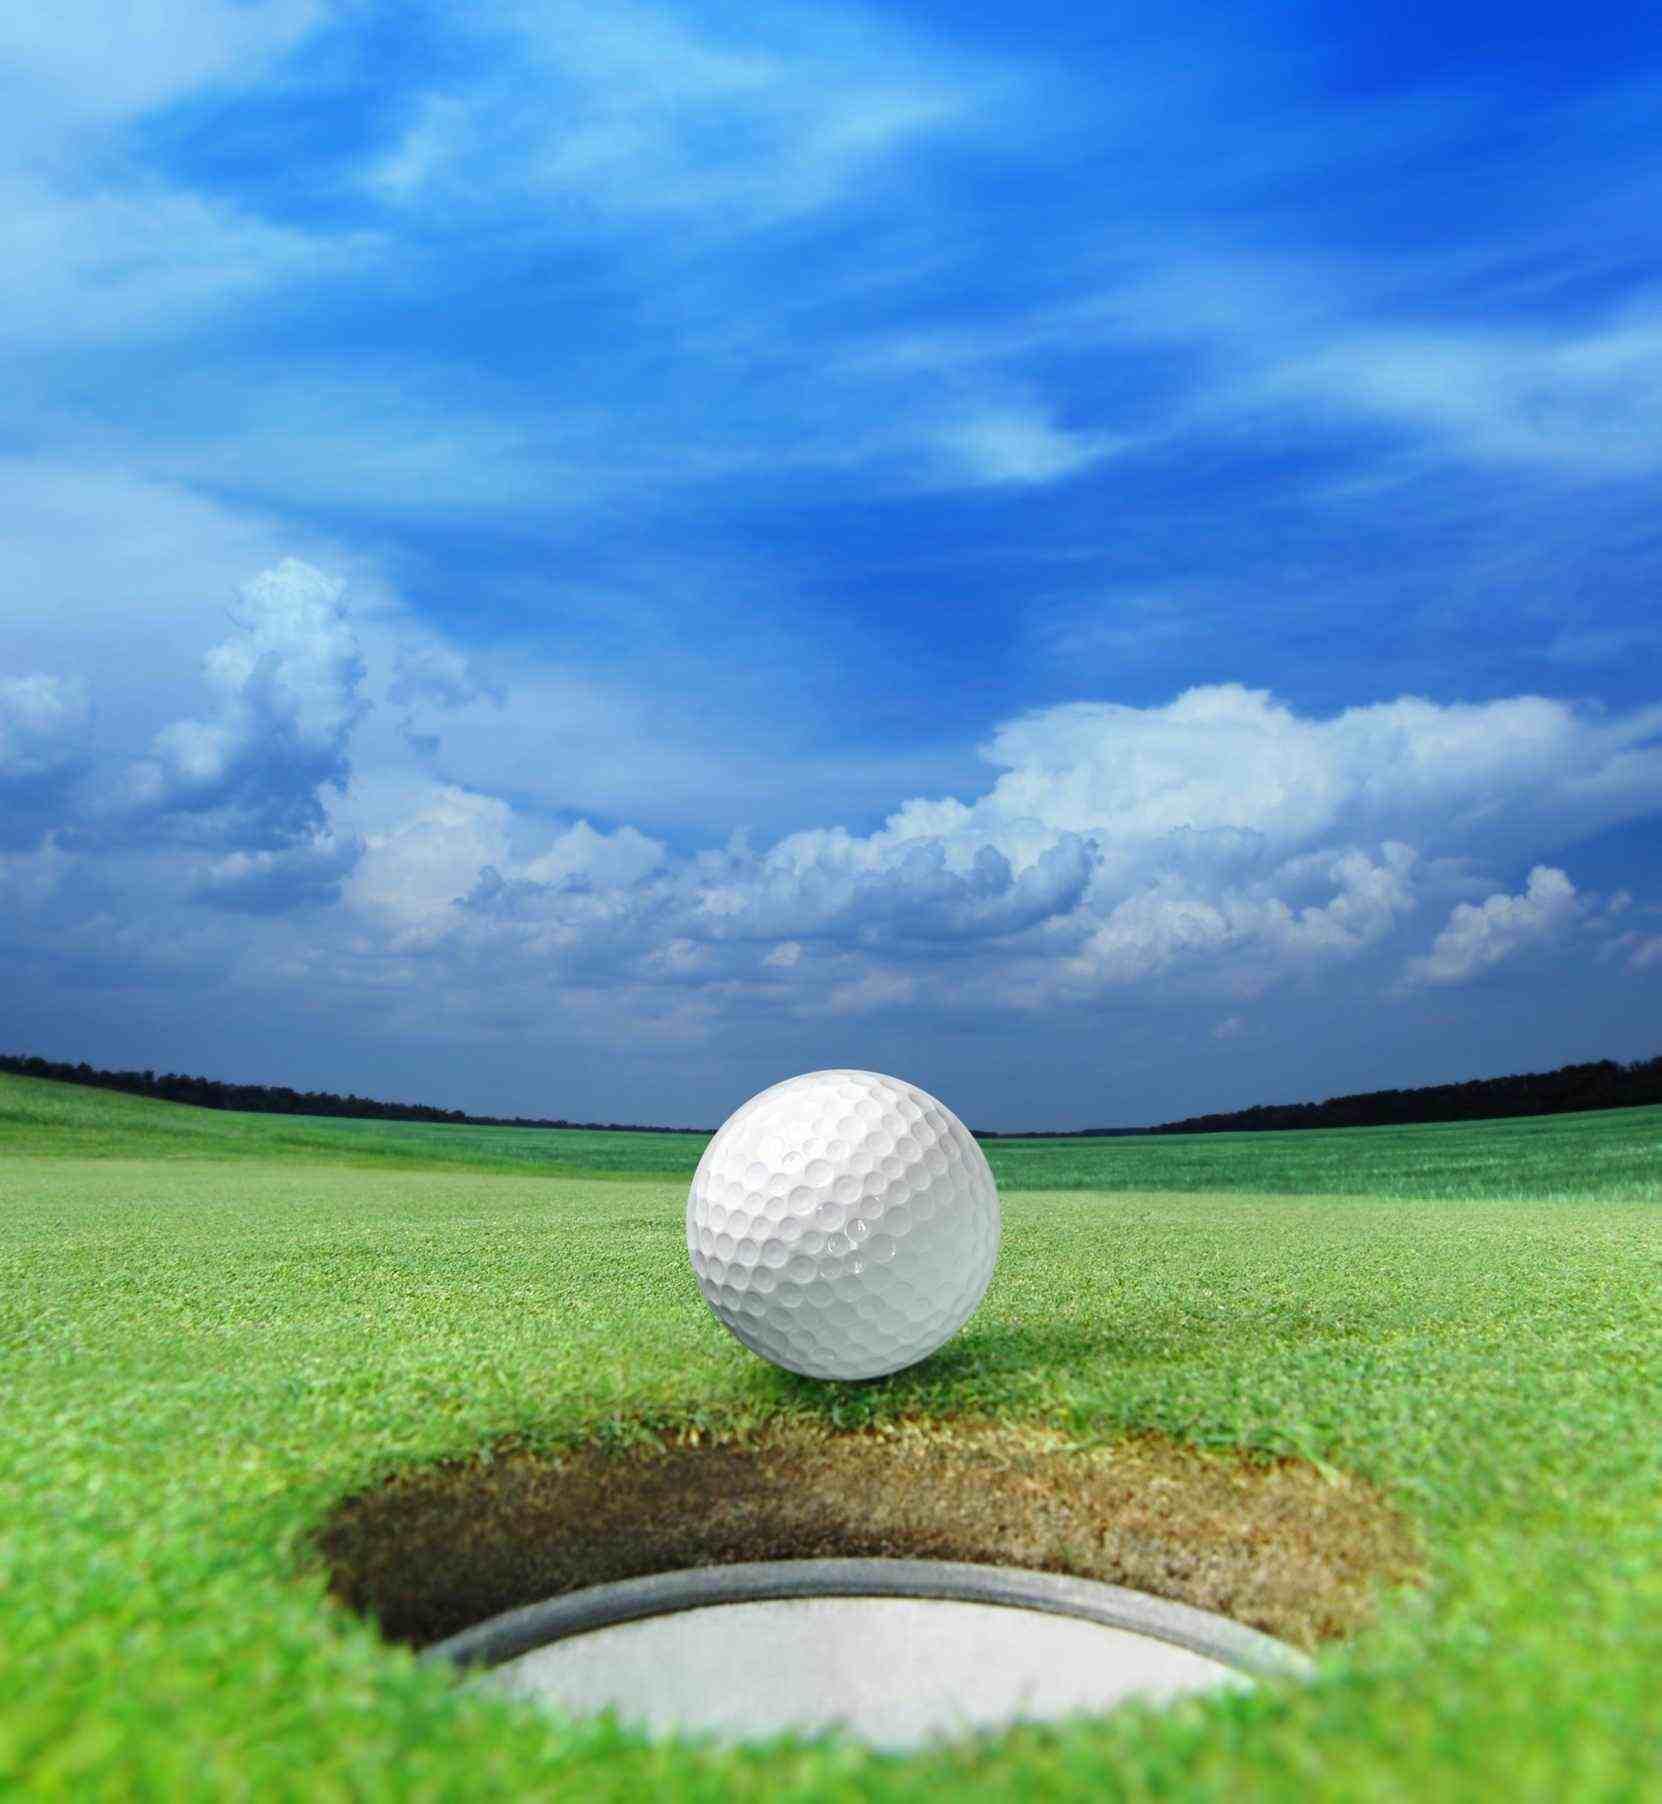 Golf ball on the edge